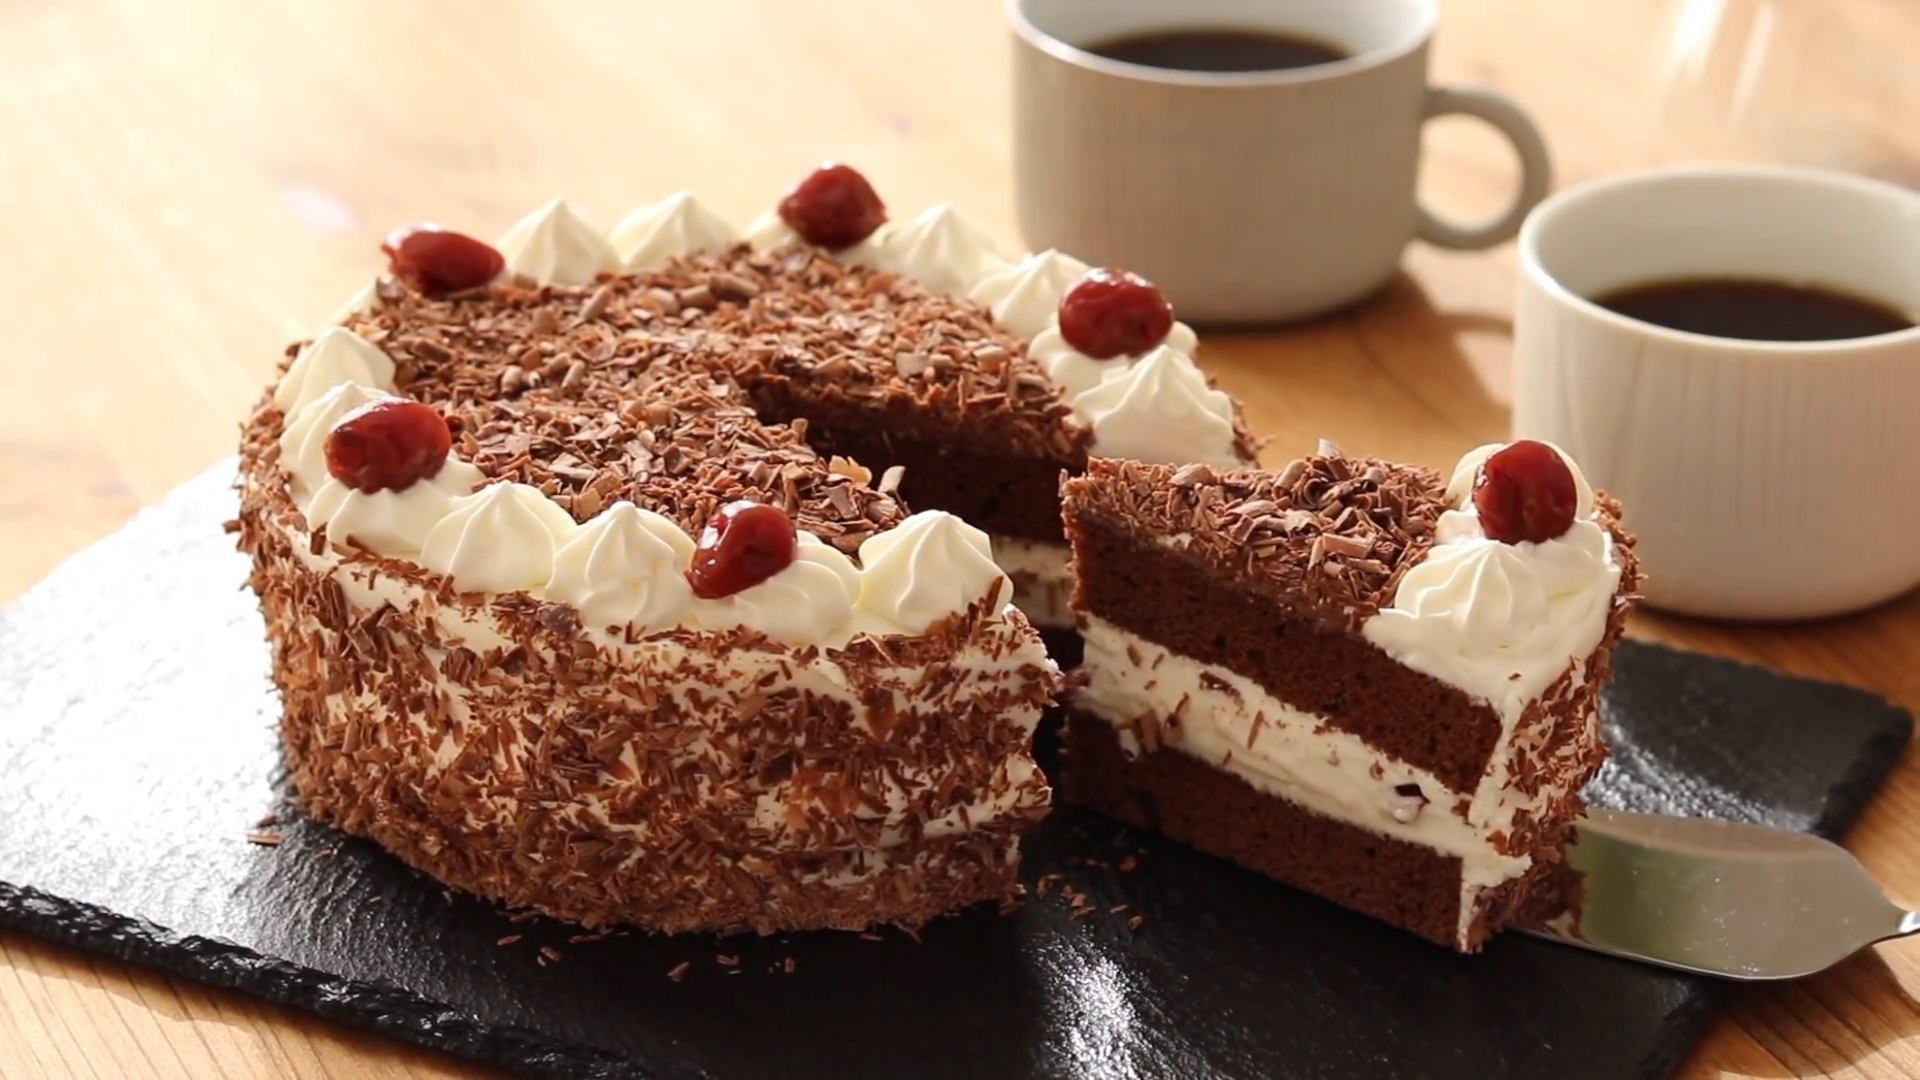 德国有名的甜点叫黑森林蛋糕,比利时叫华夫饼,中国的只有两个字